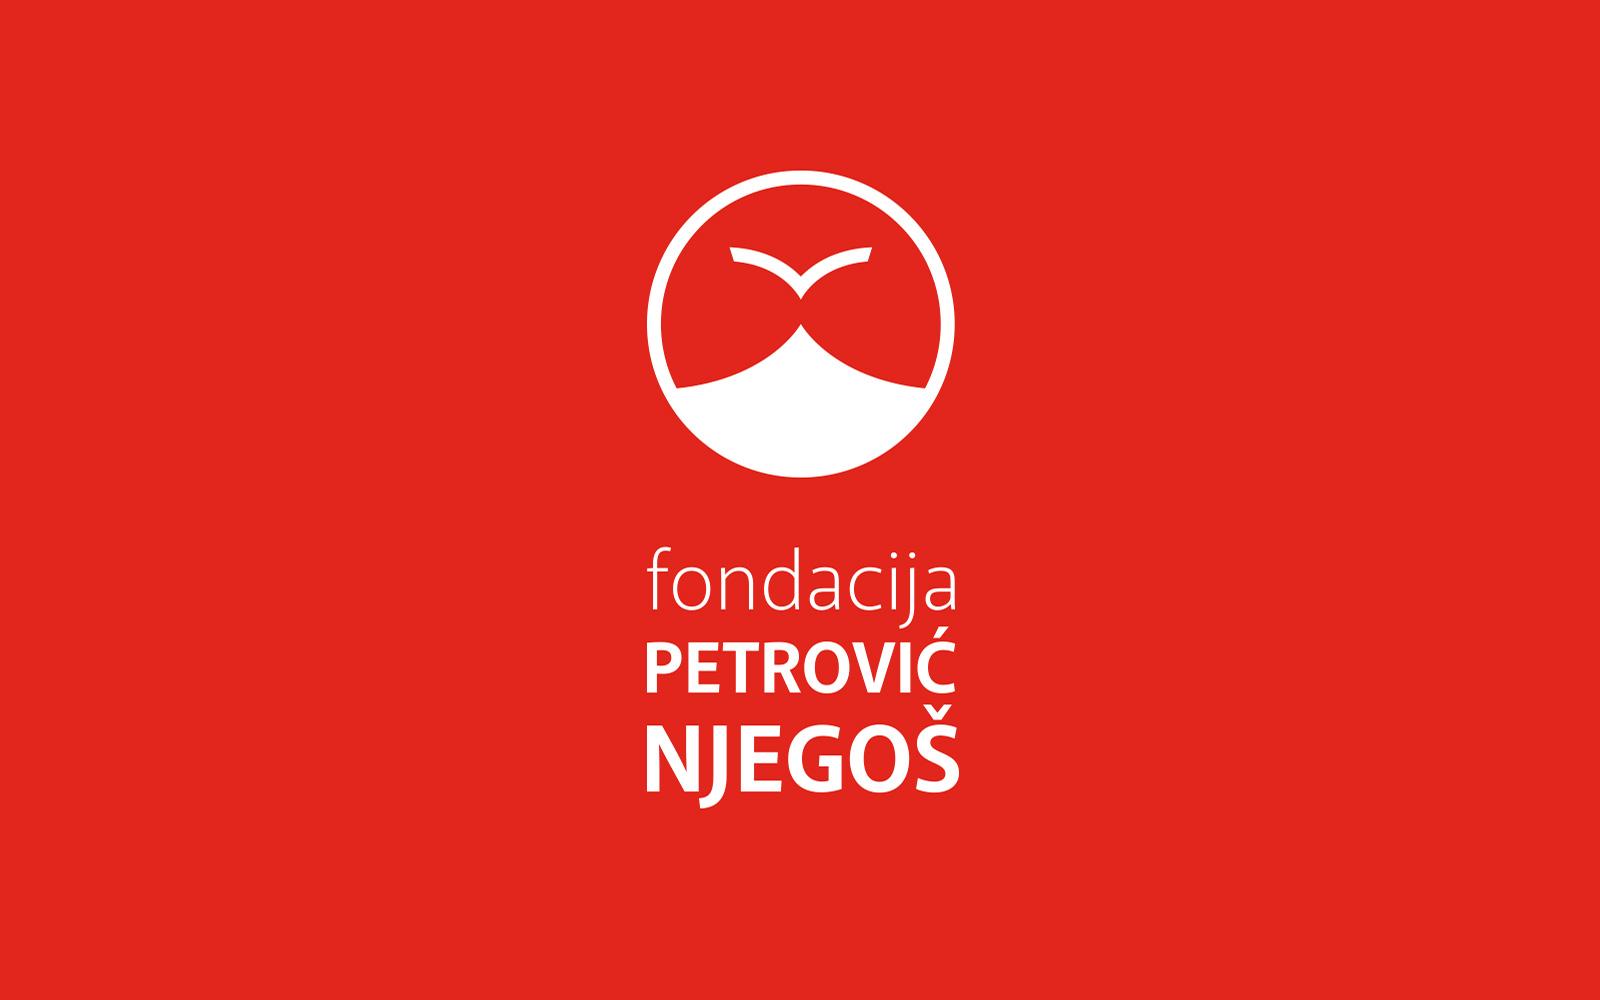 Fondation Petrovic Njegos Logo